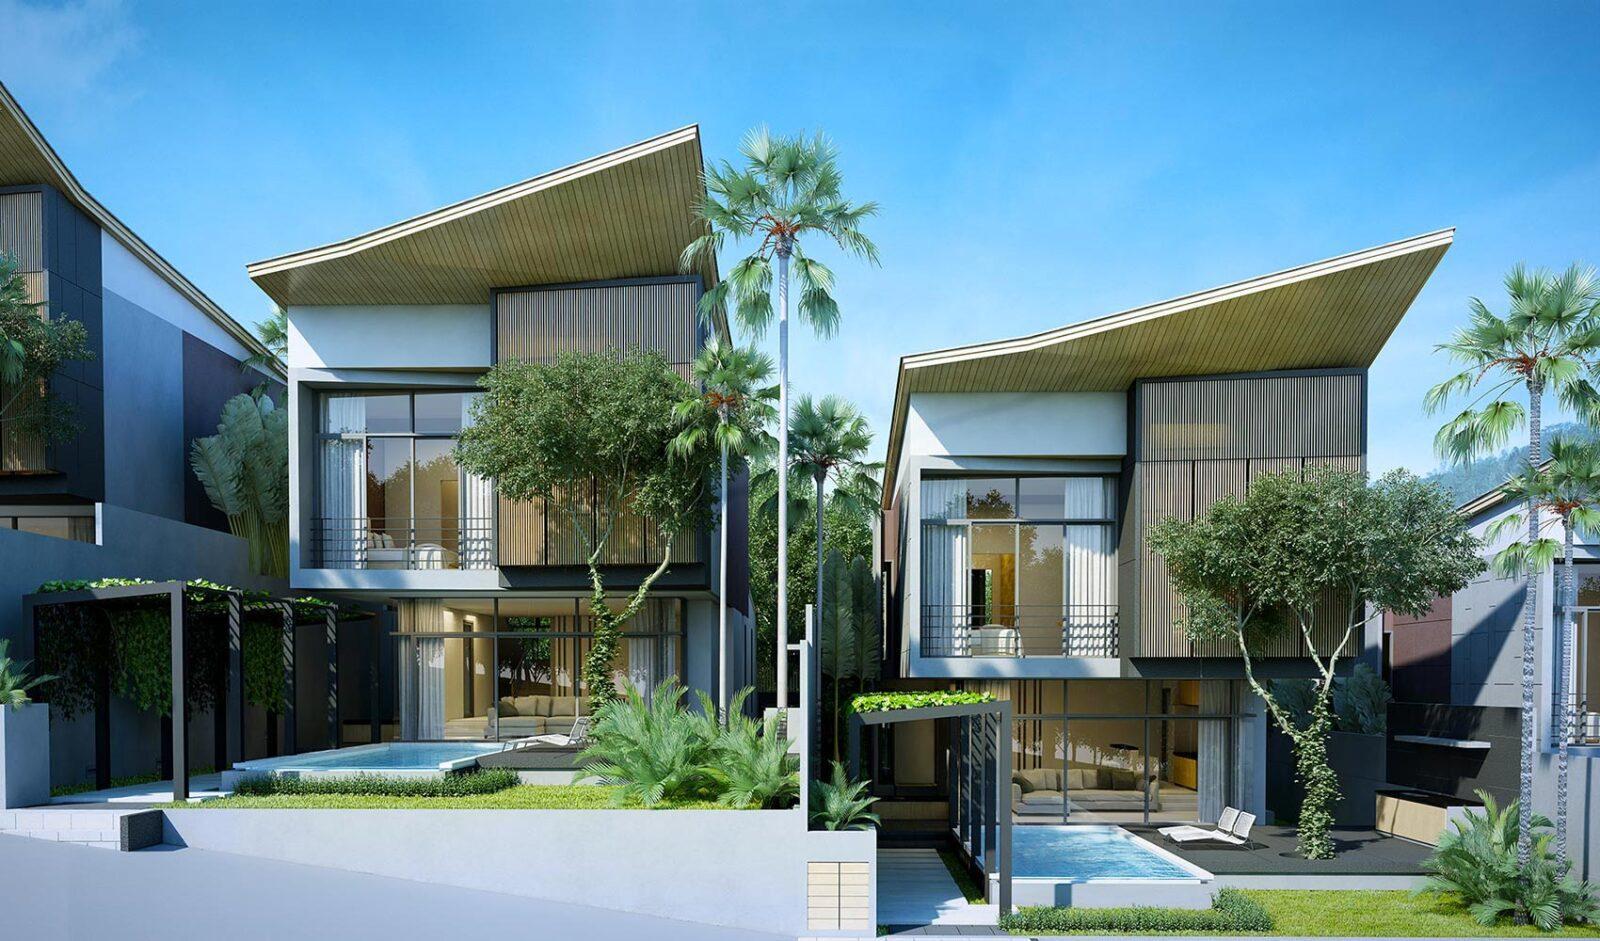 Сложности при аренде жилья в Таиланде